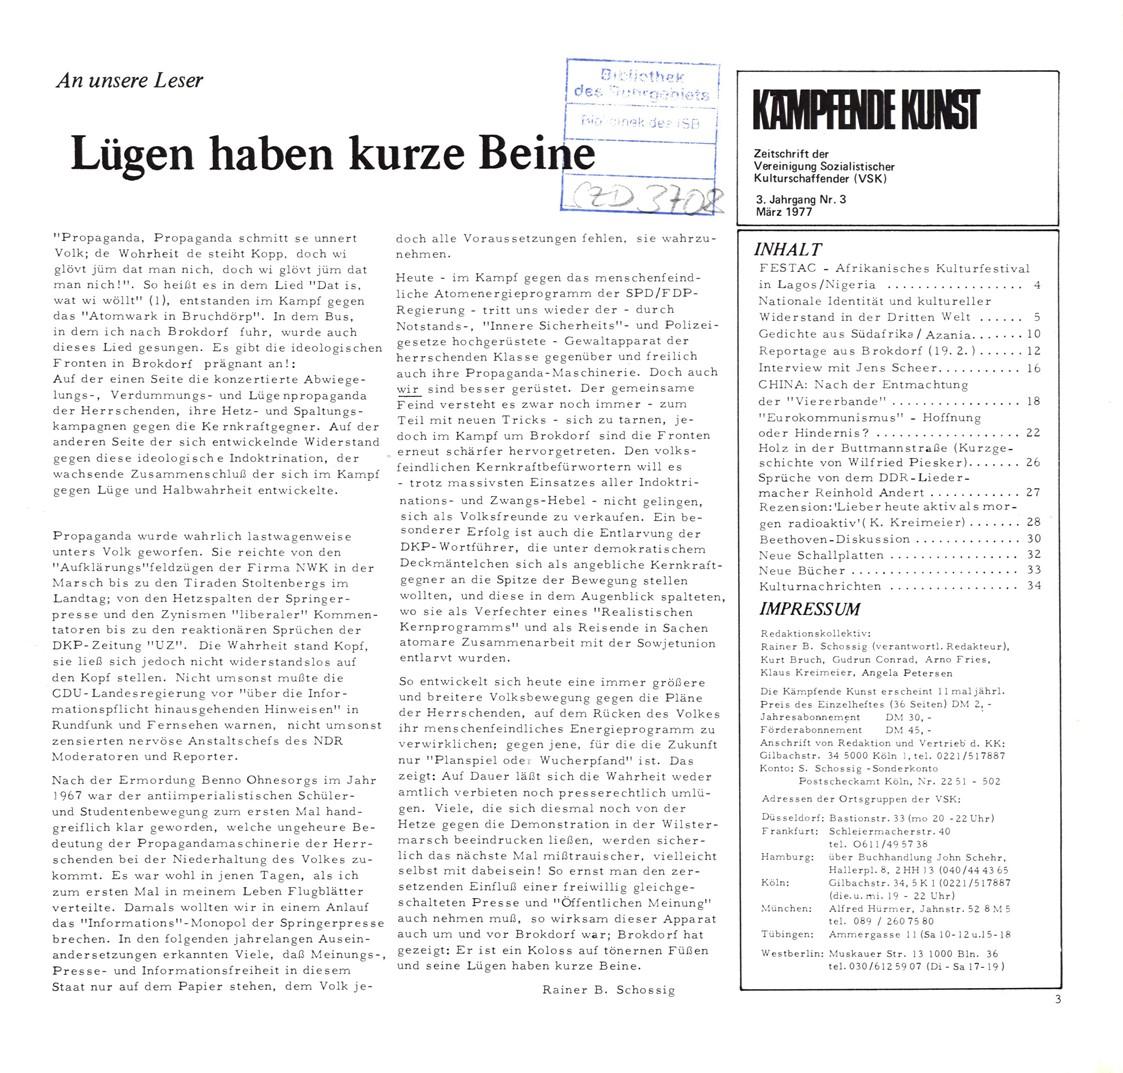 VSK_Kaempfende_Kunst_19770300_03